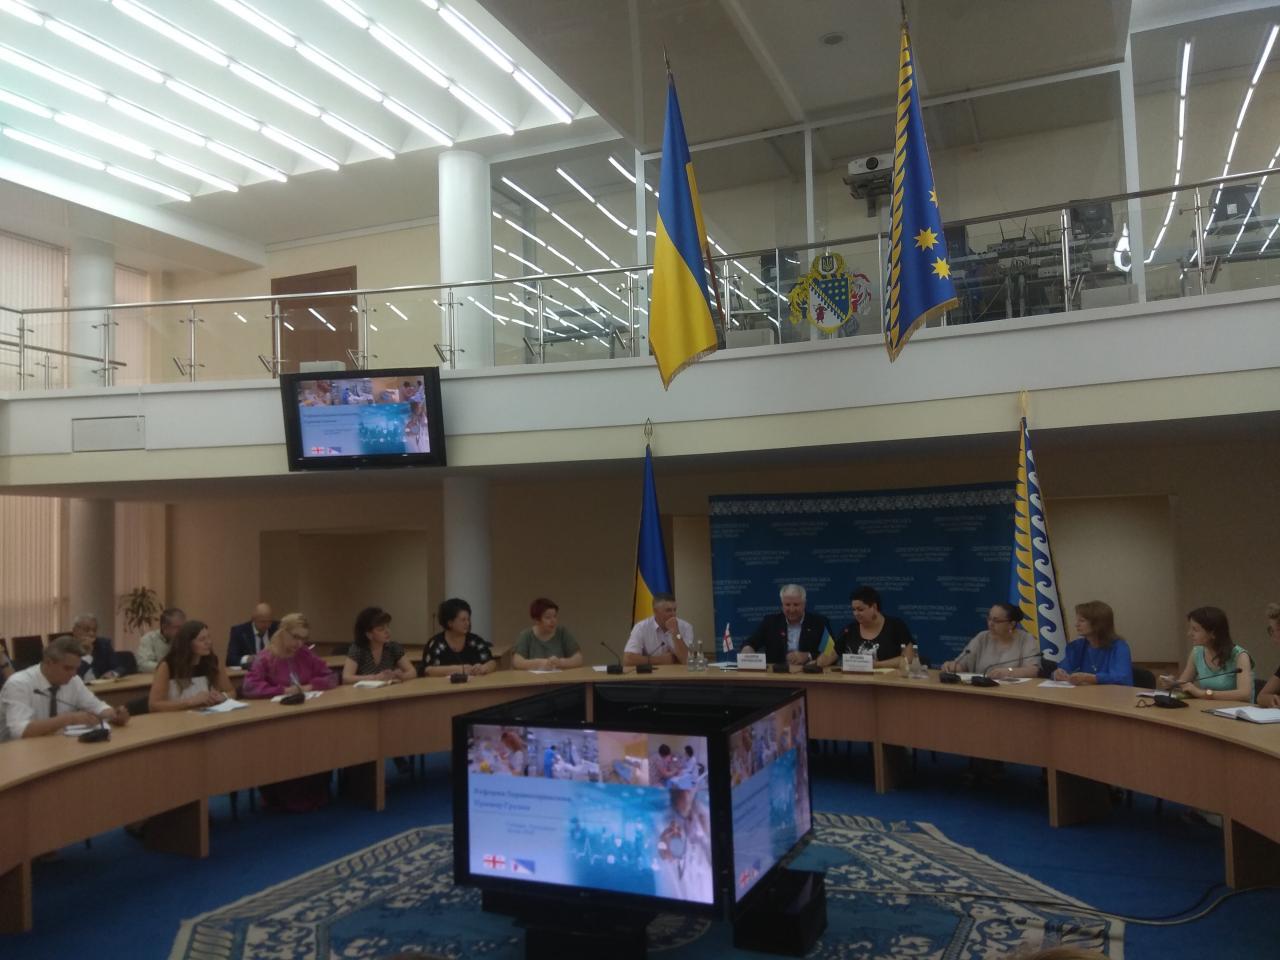 Лікарі Січеславщини переймали досвід Грузії впровадження медичних реформ.